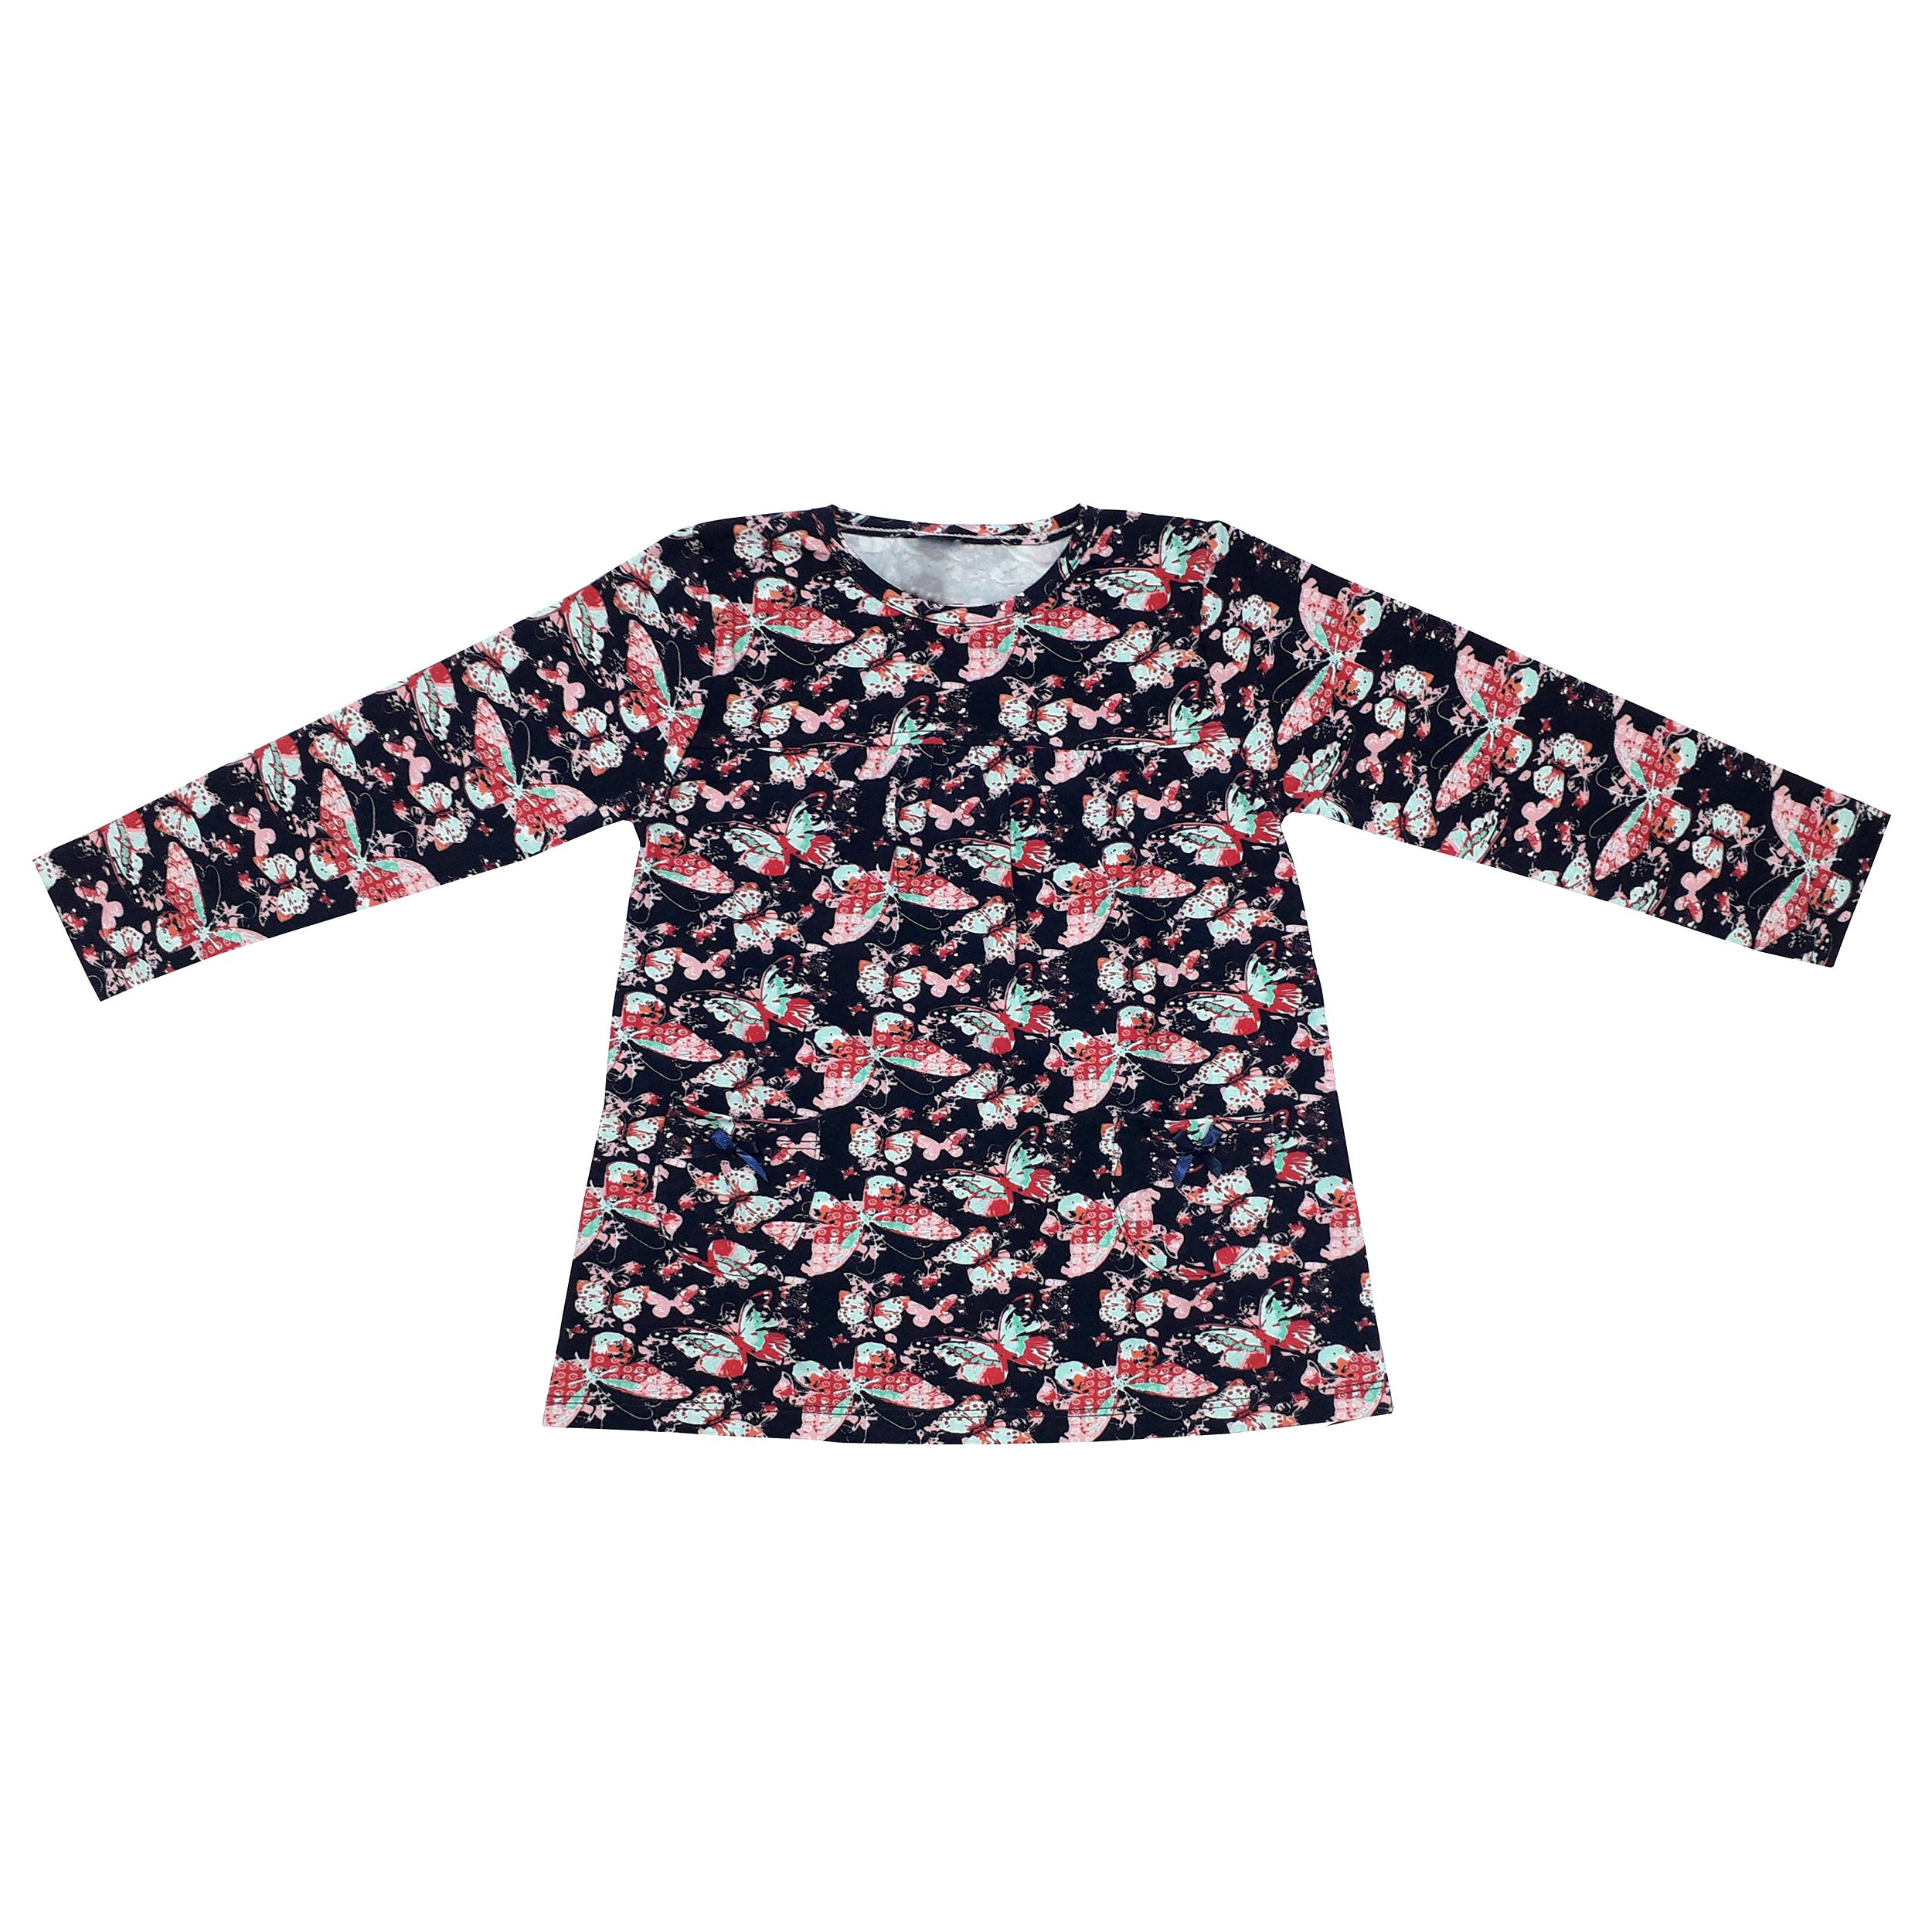 ست تی شرت و شلوار دخترانه طرح پروانه کد 3069 رنگ سرمه ای -  - 4